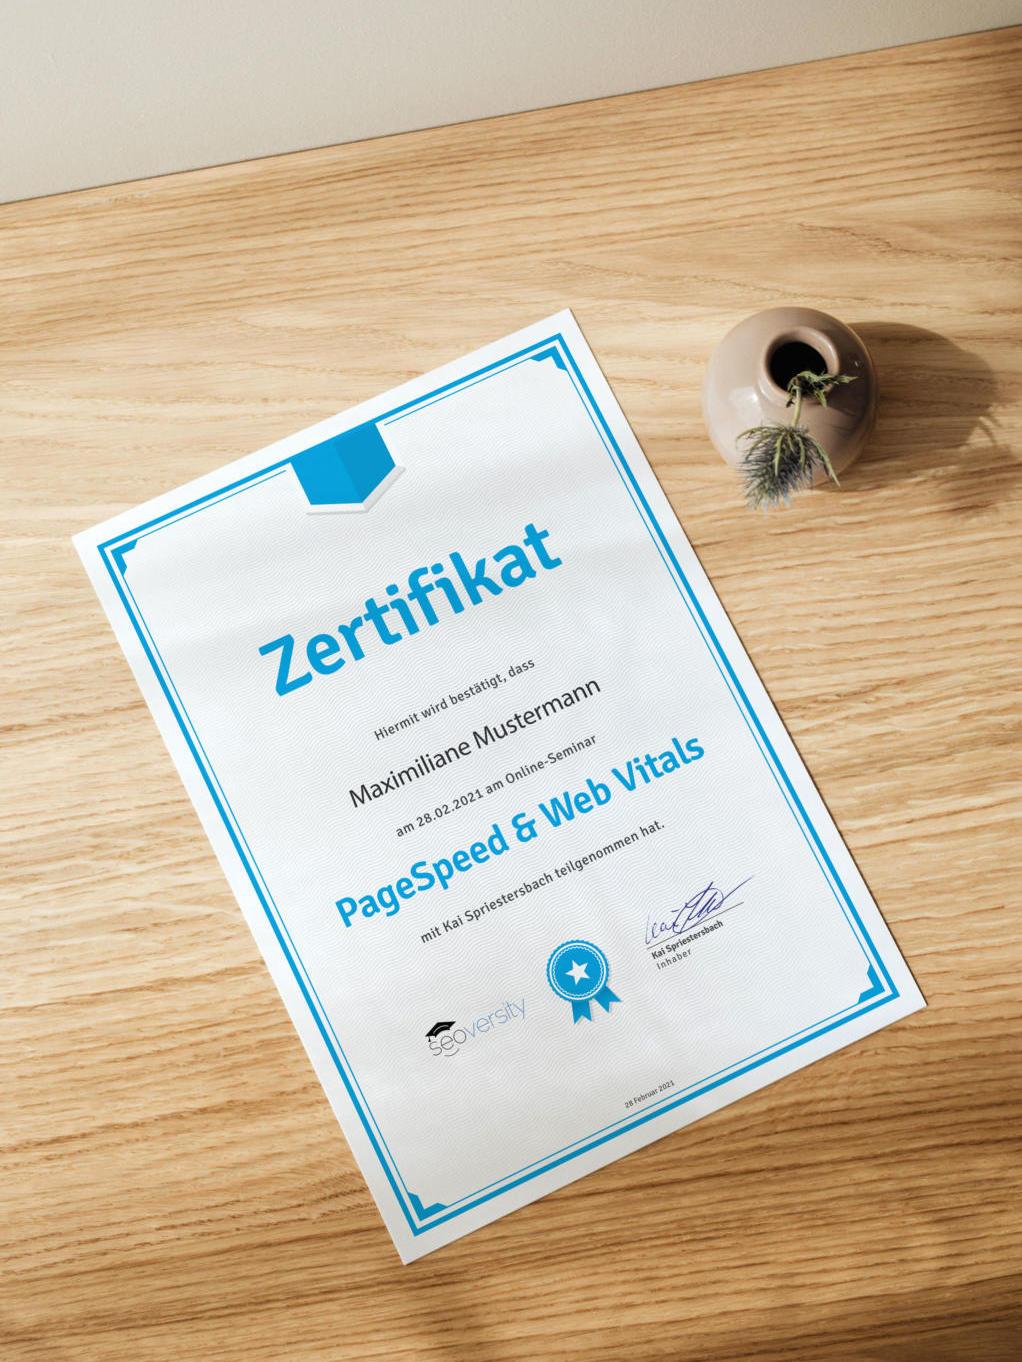 Zertifikat über die Teilnahme am PageSpeed und Web Vitals Online-Seminar